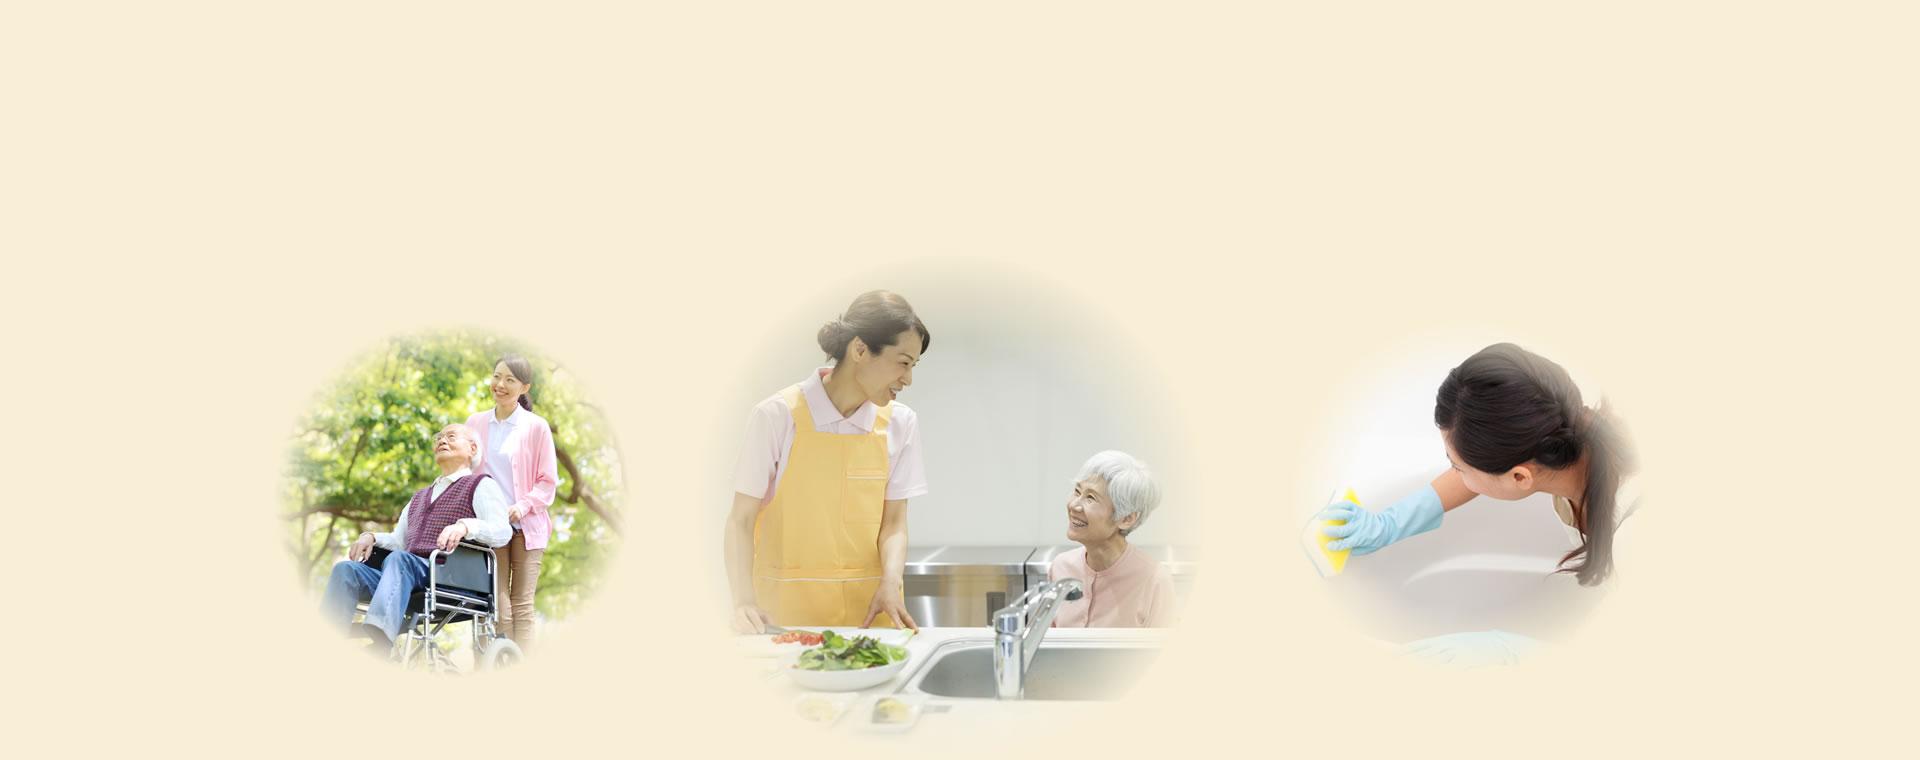 高齢者の方とそのご家族のための家事支援